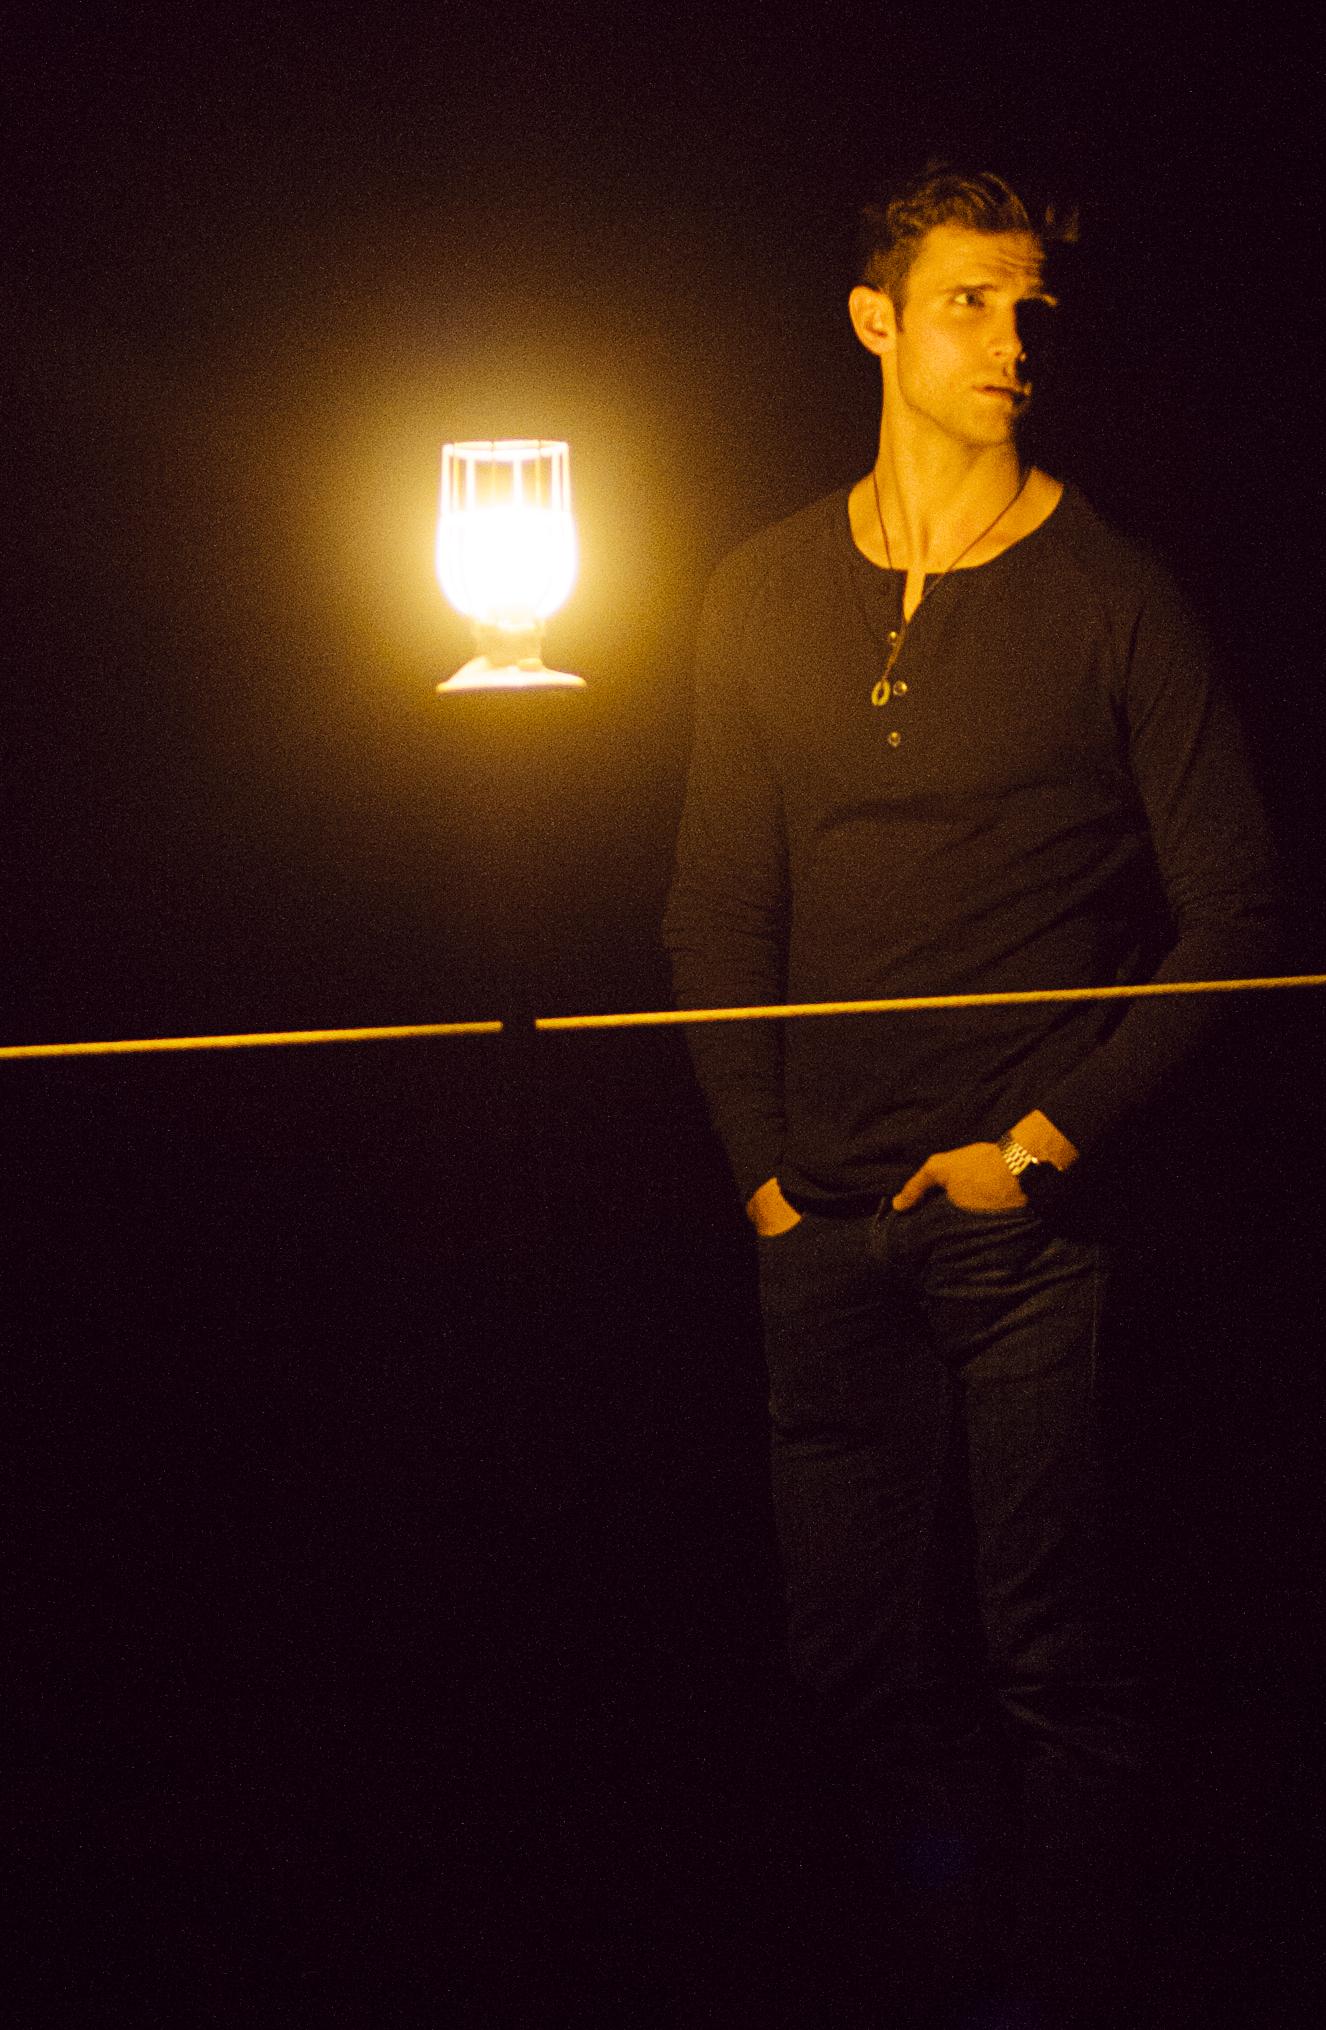 Kyle Dean Ghostlight Crop.jpg